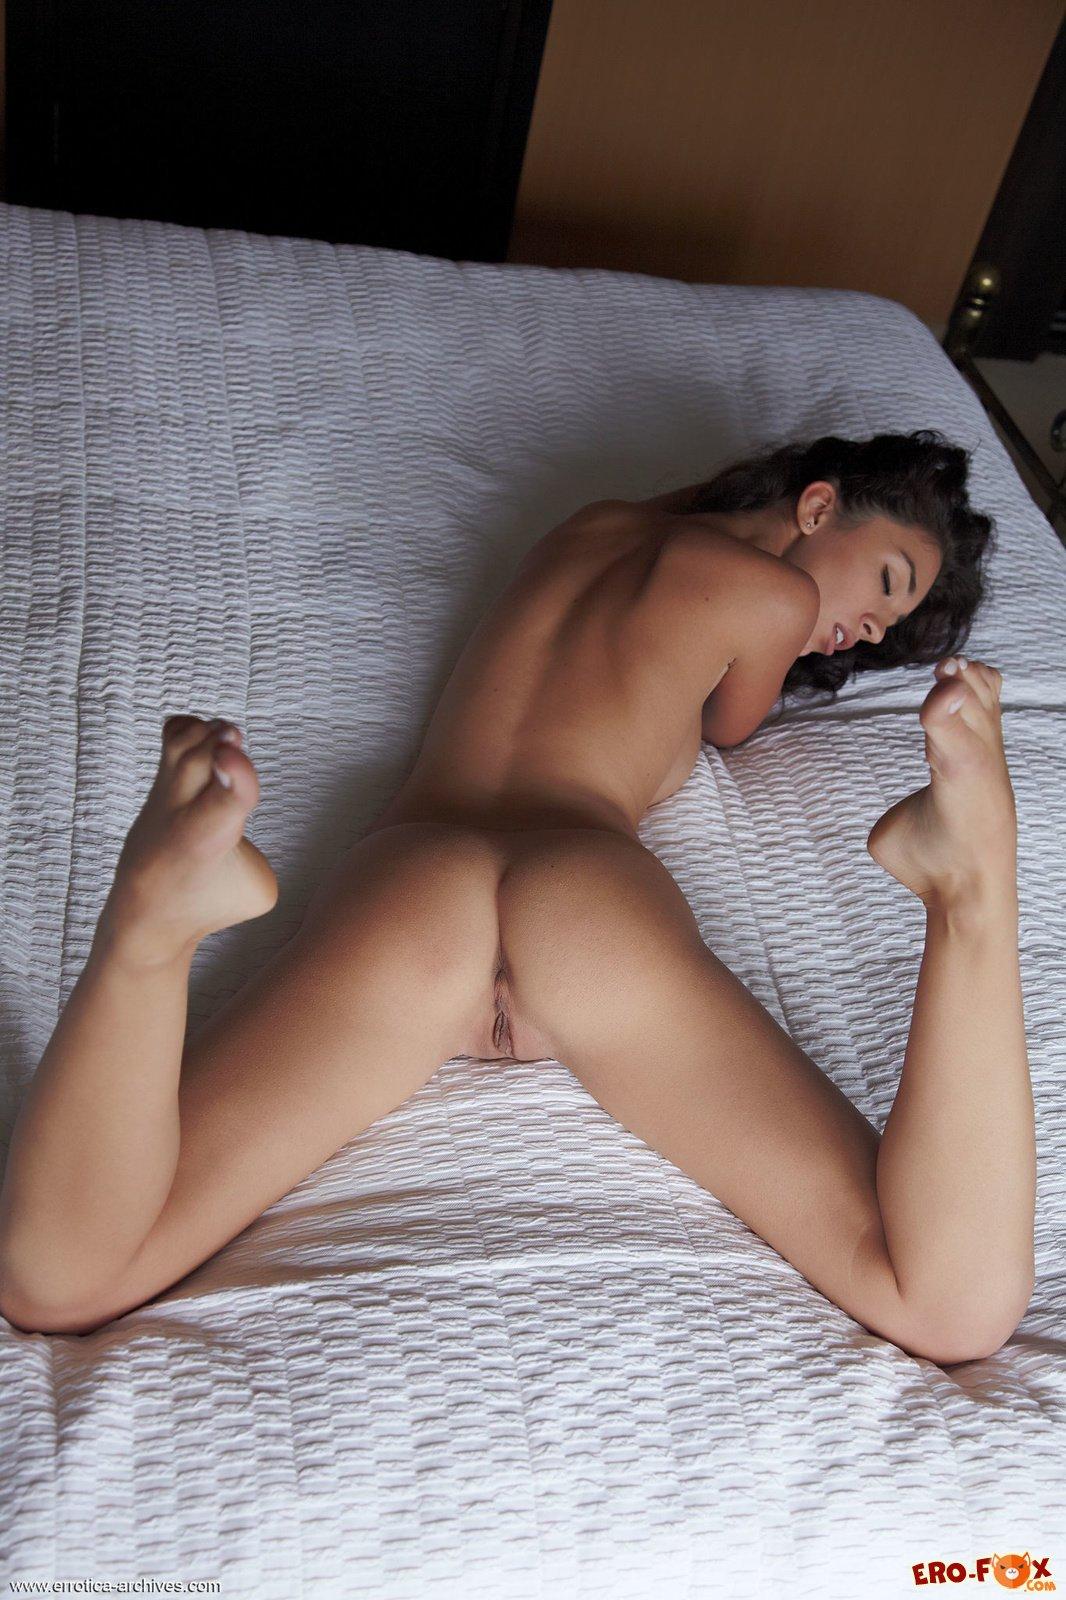 Сексуальная голая брюнетка в спальне на кровати .